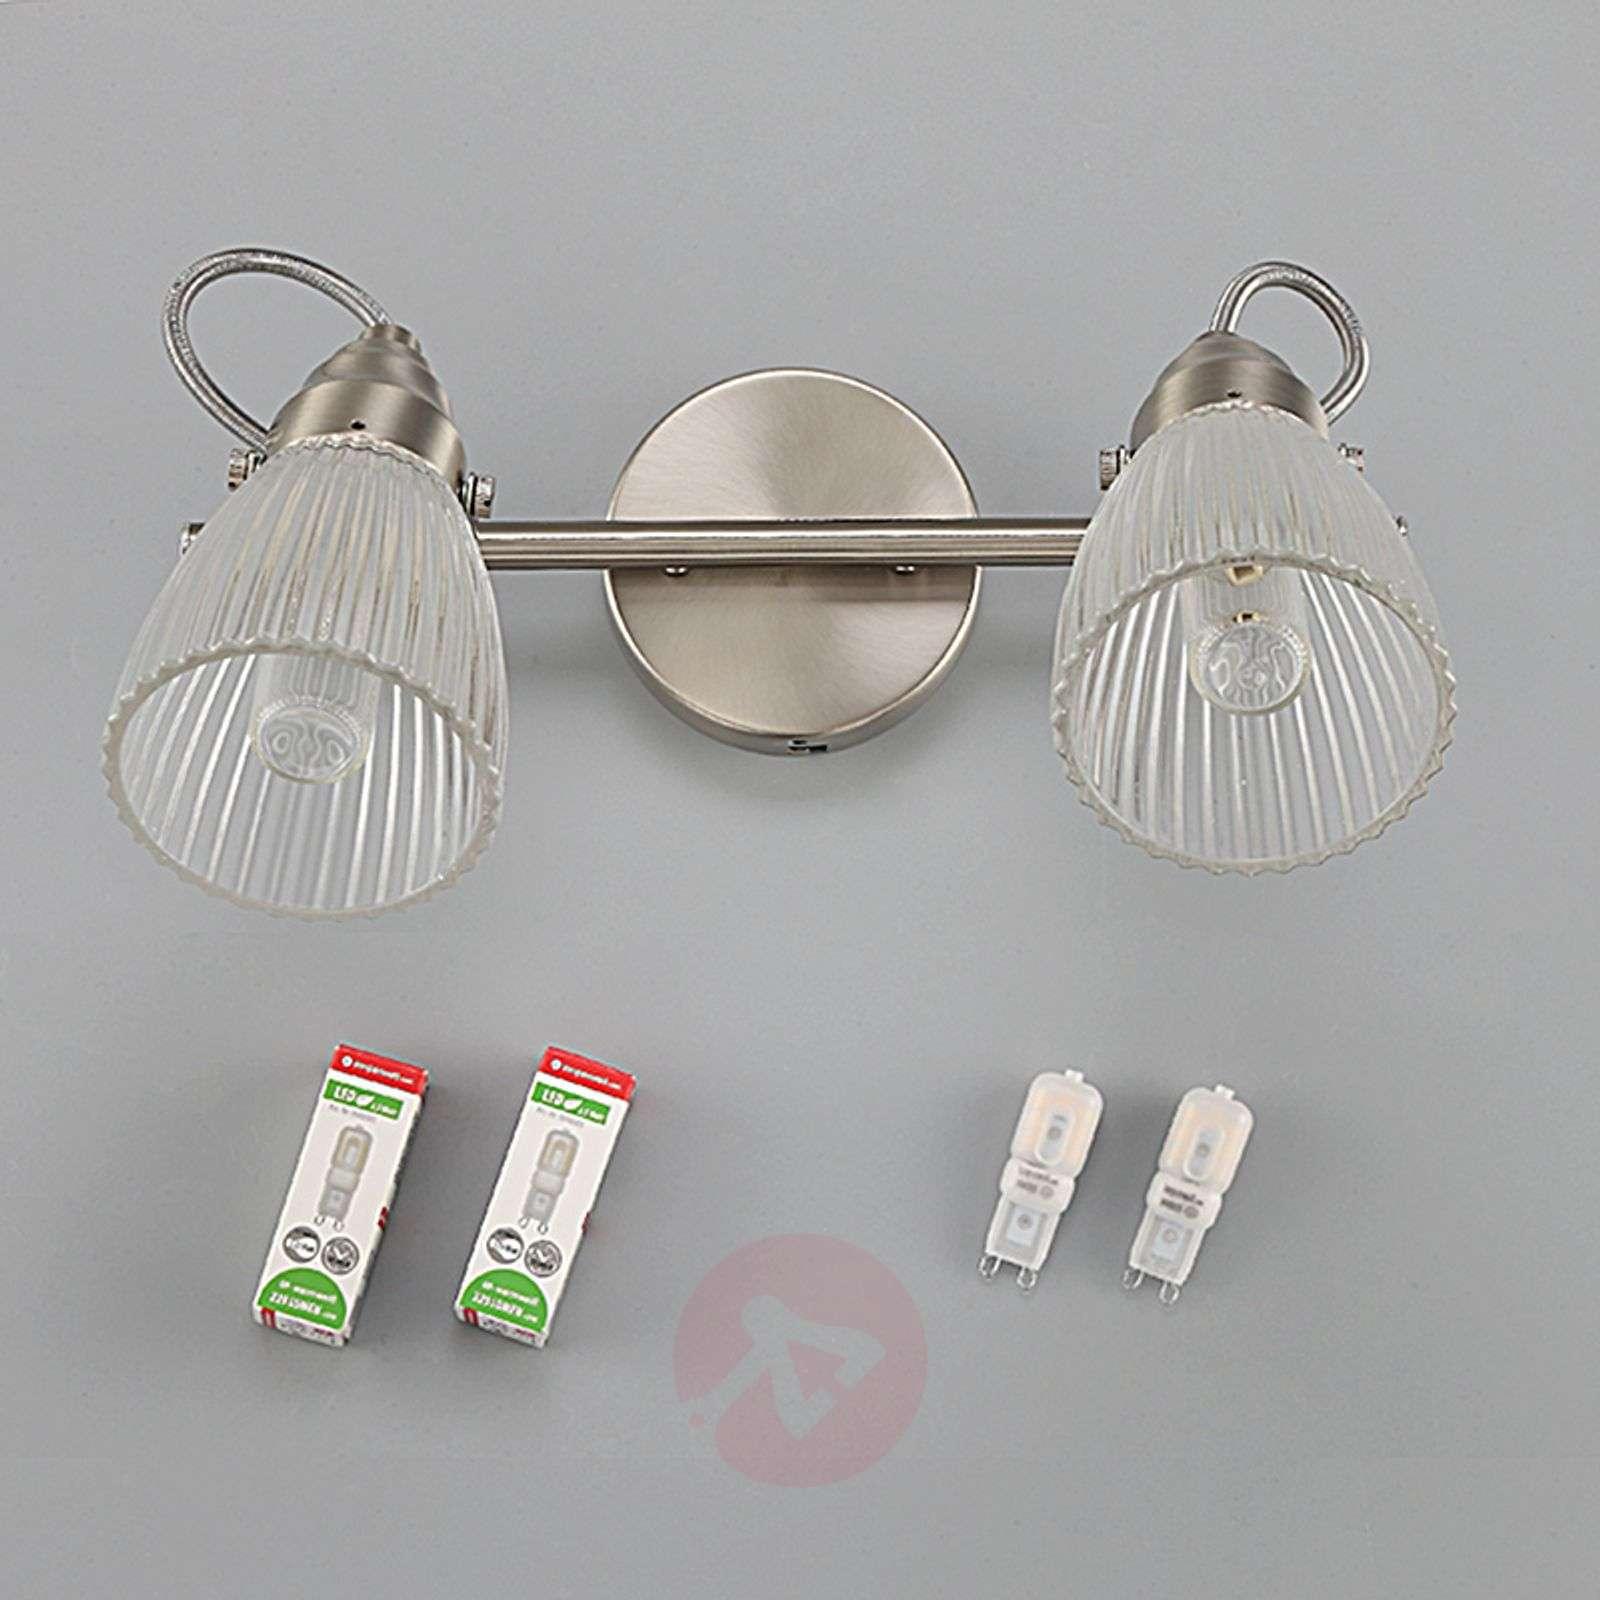 Kara kylpyhuoneen seinävalaisin uurrelasi ja LED-9620682-011